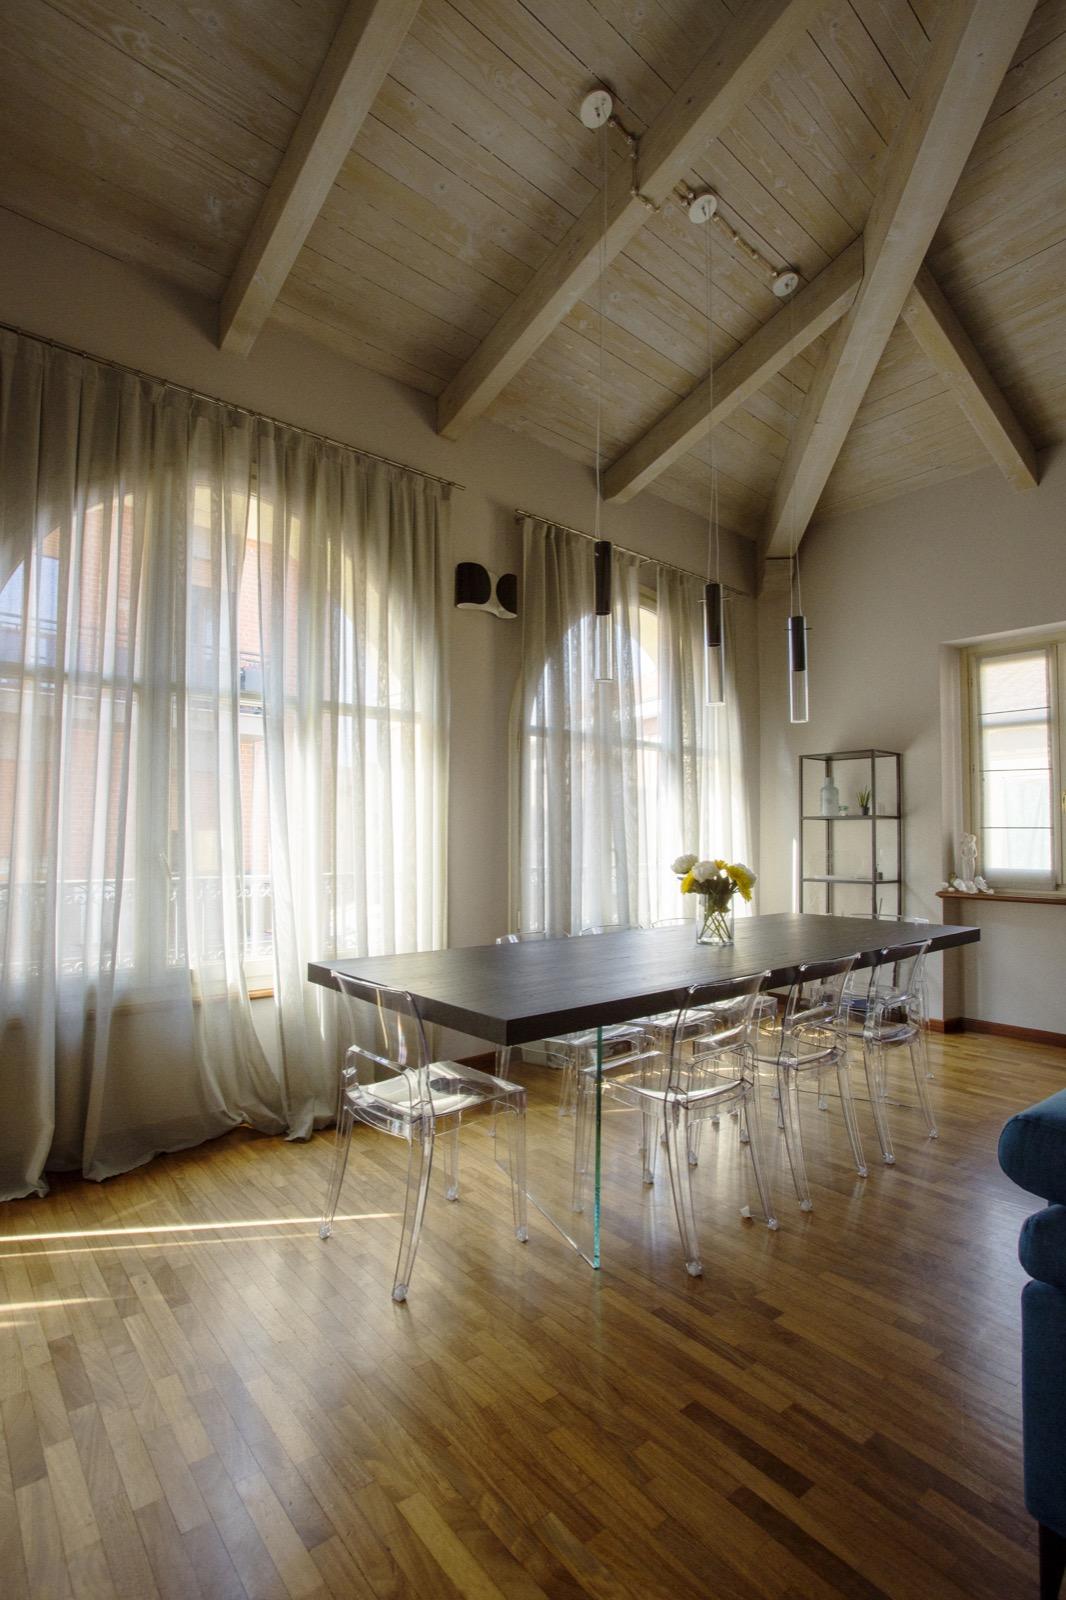 Studi Arredamento Design Interni.Progettazione Di Arredamento D Interni Studio Cravero Bonetto